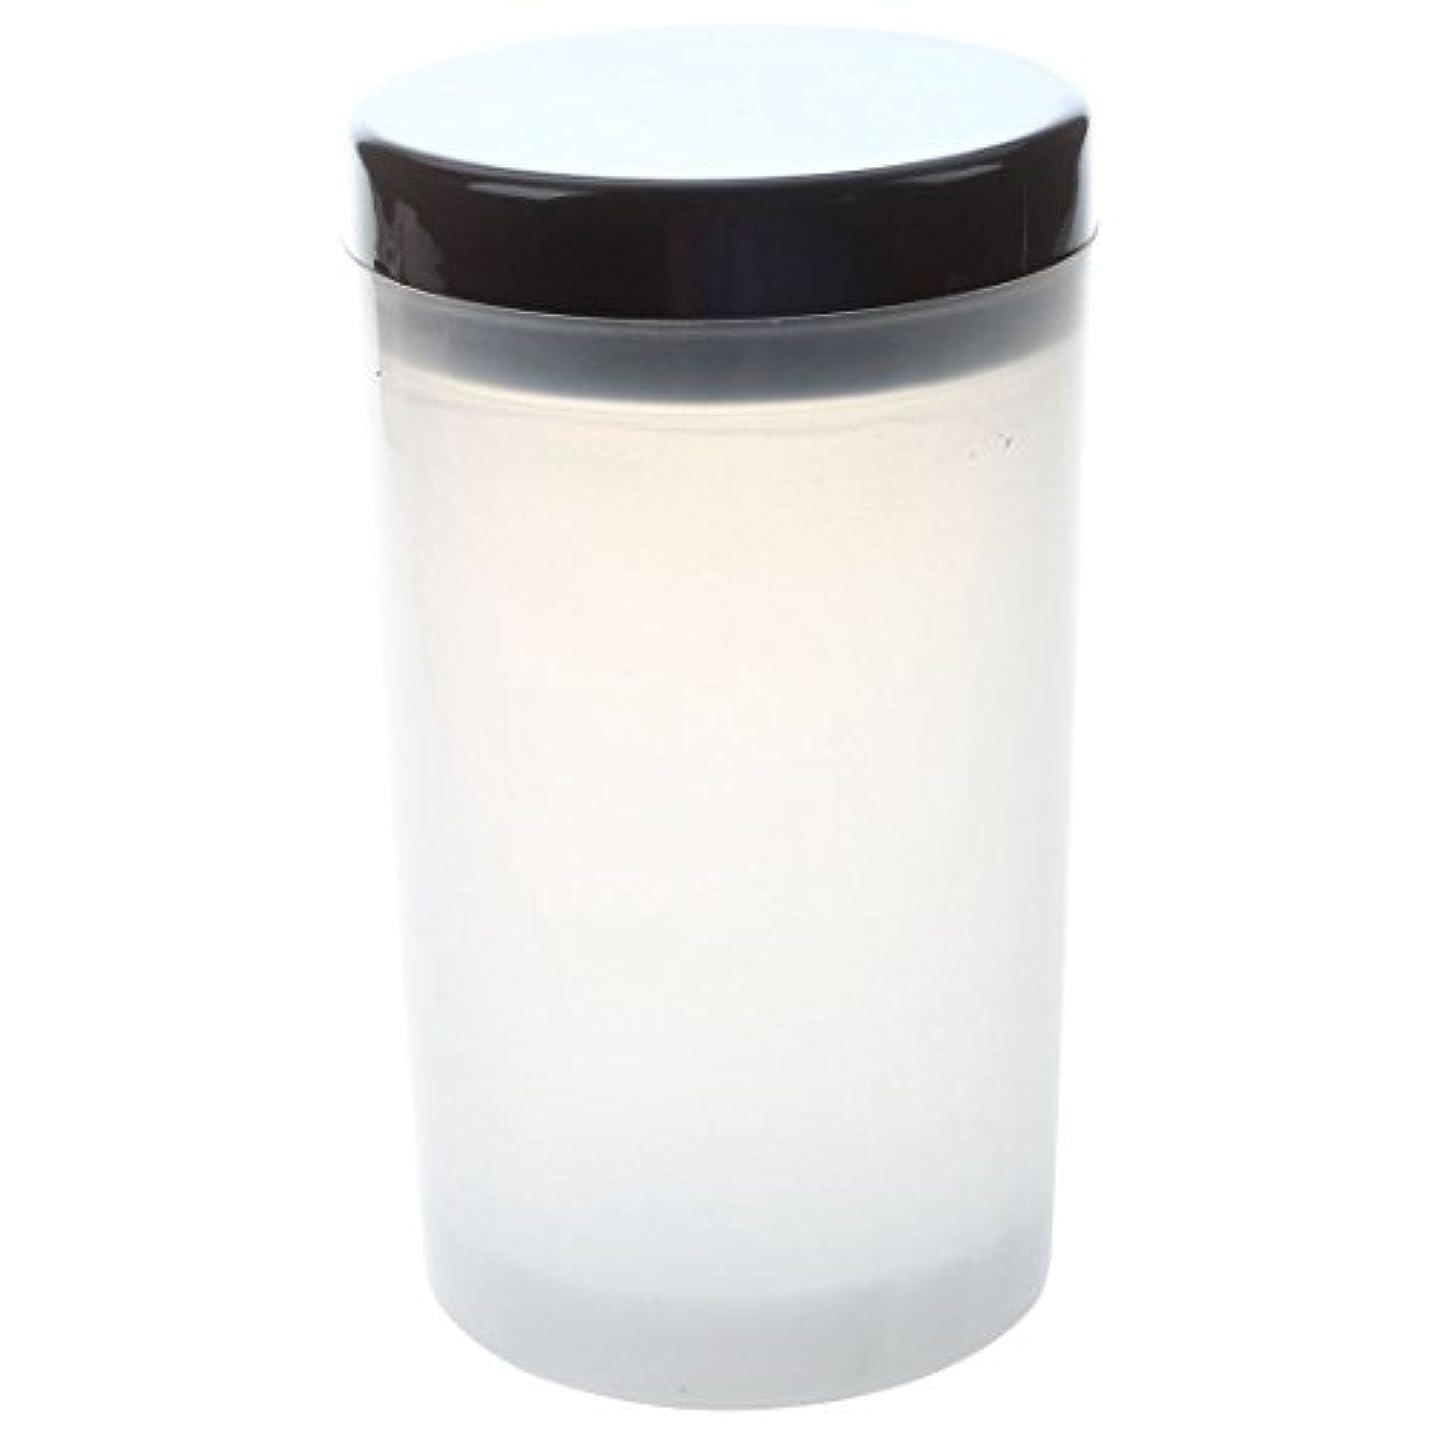 解放する中古おもてなしXigeapg ネイルアートチップブラシホルダー リムーバーカップカップ浸漬ブラシ クリーナーボトル